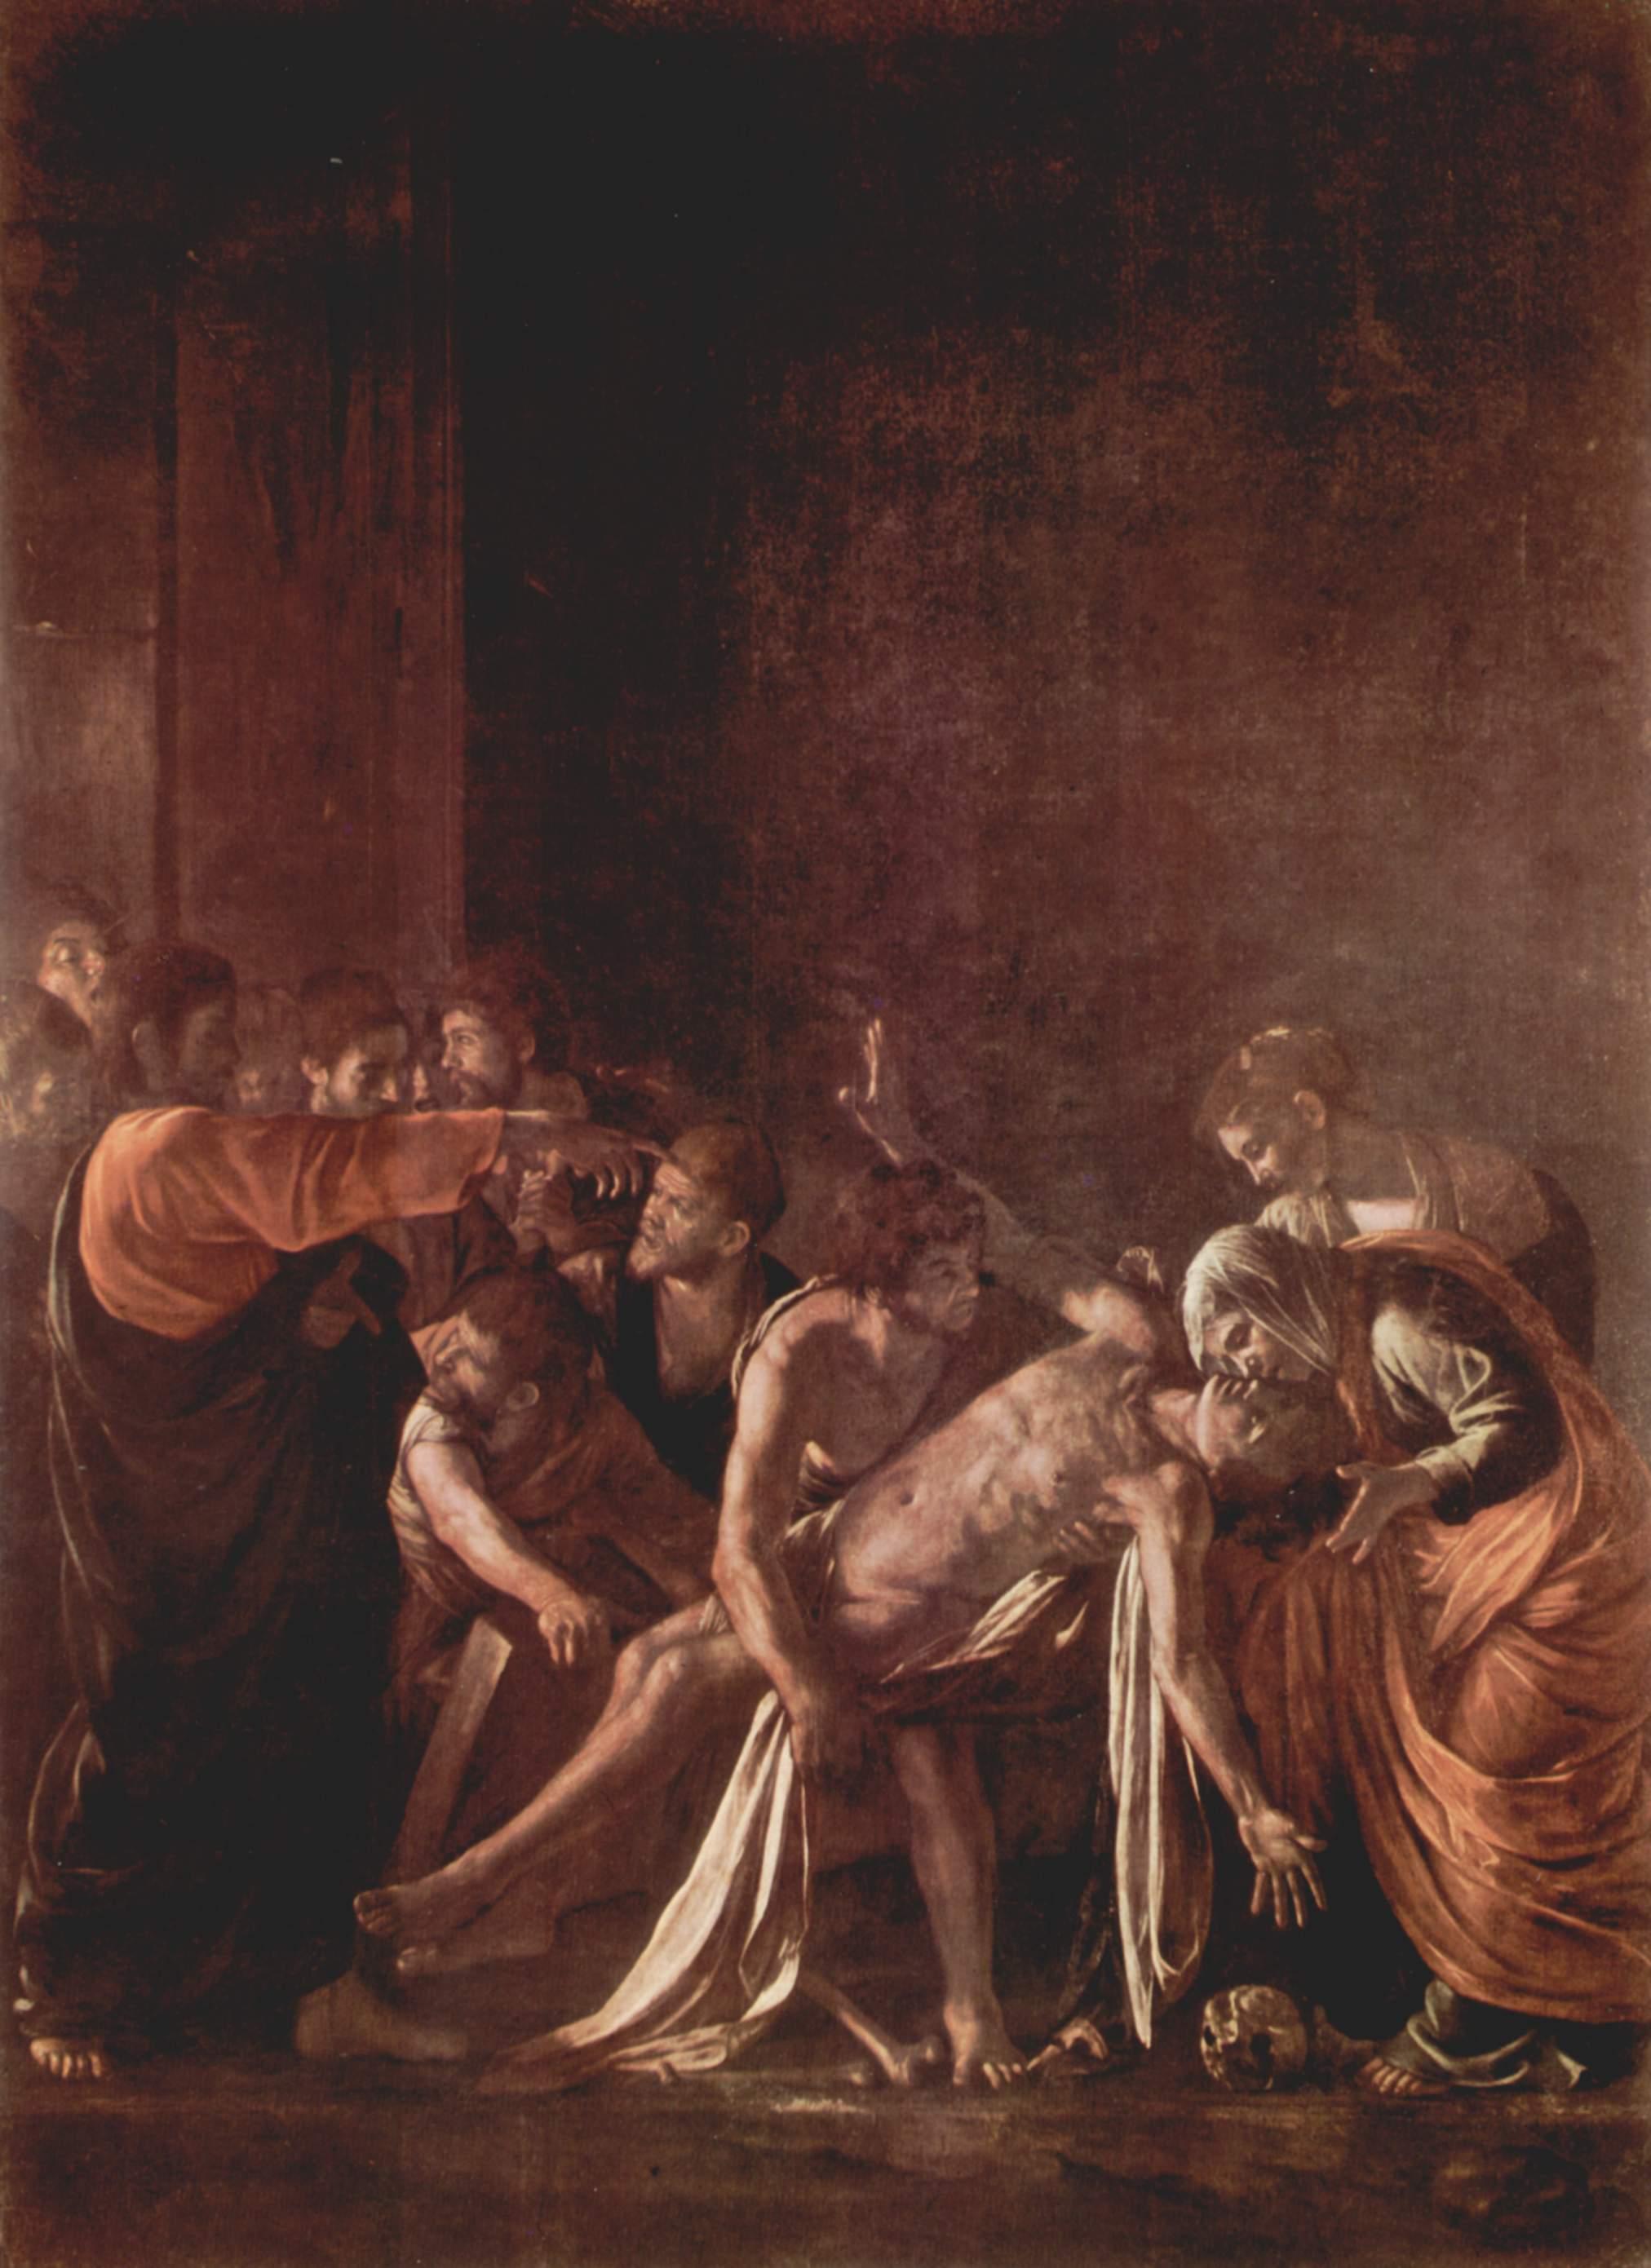 Воскрешение Лазаря, Микеланджело Меризи де Караваджо